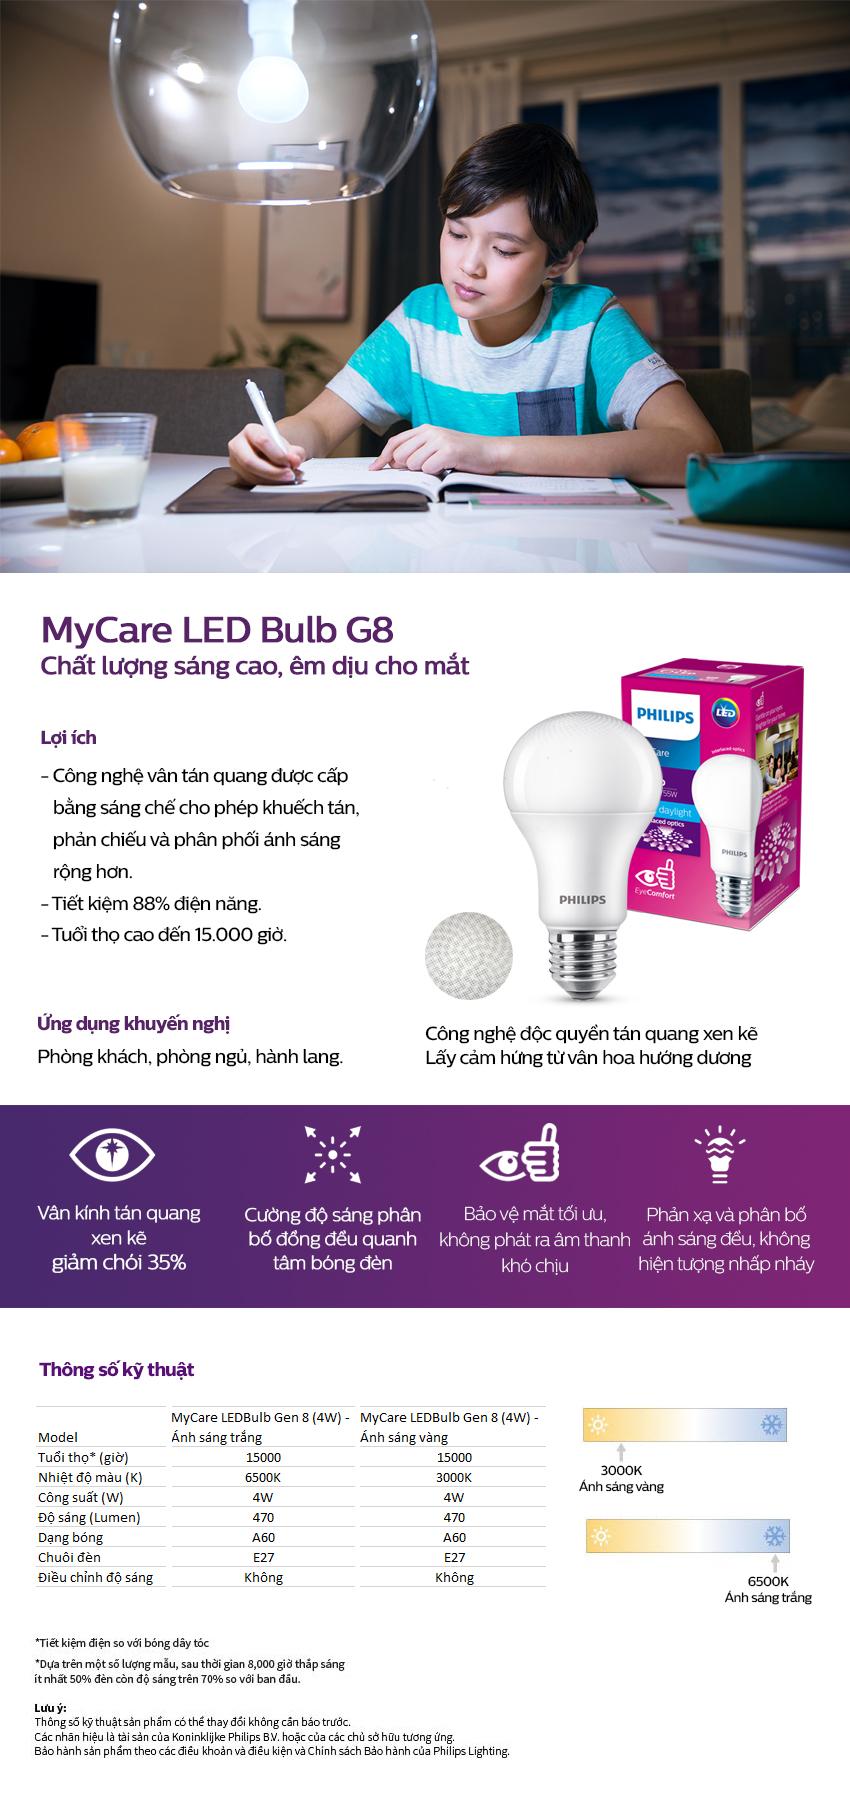 Bóng đèn Philips LED MyCare 4W 3000K E27 A60 929001914537 - Ánh sáng vàng